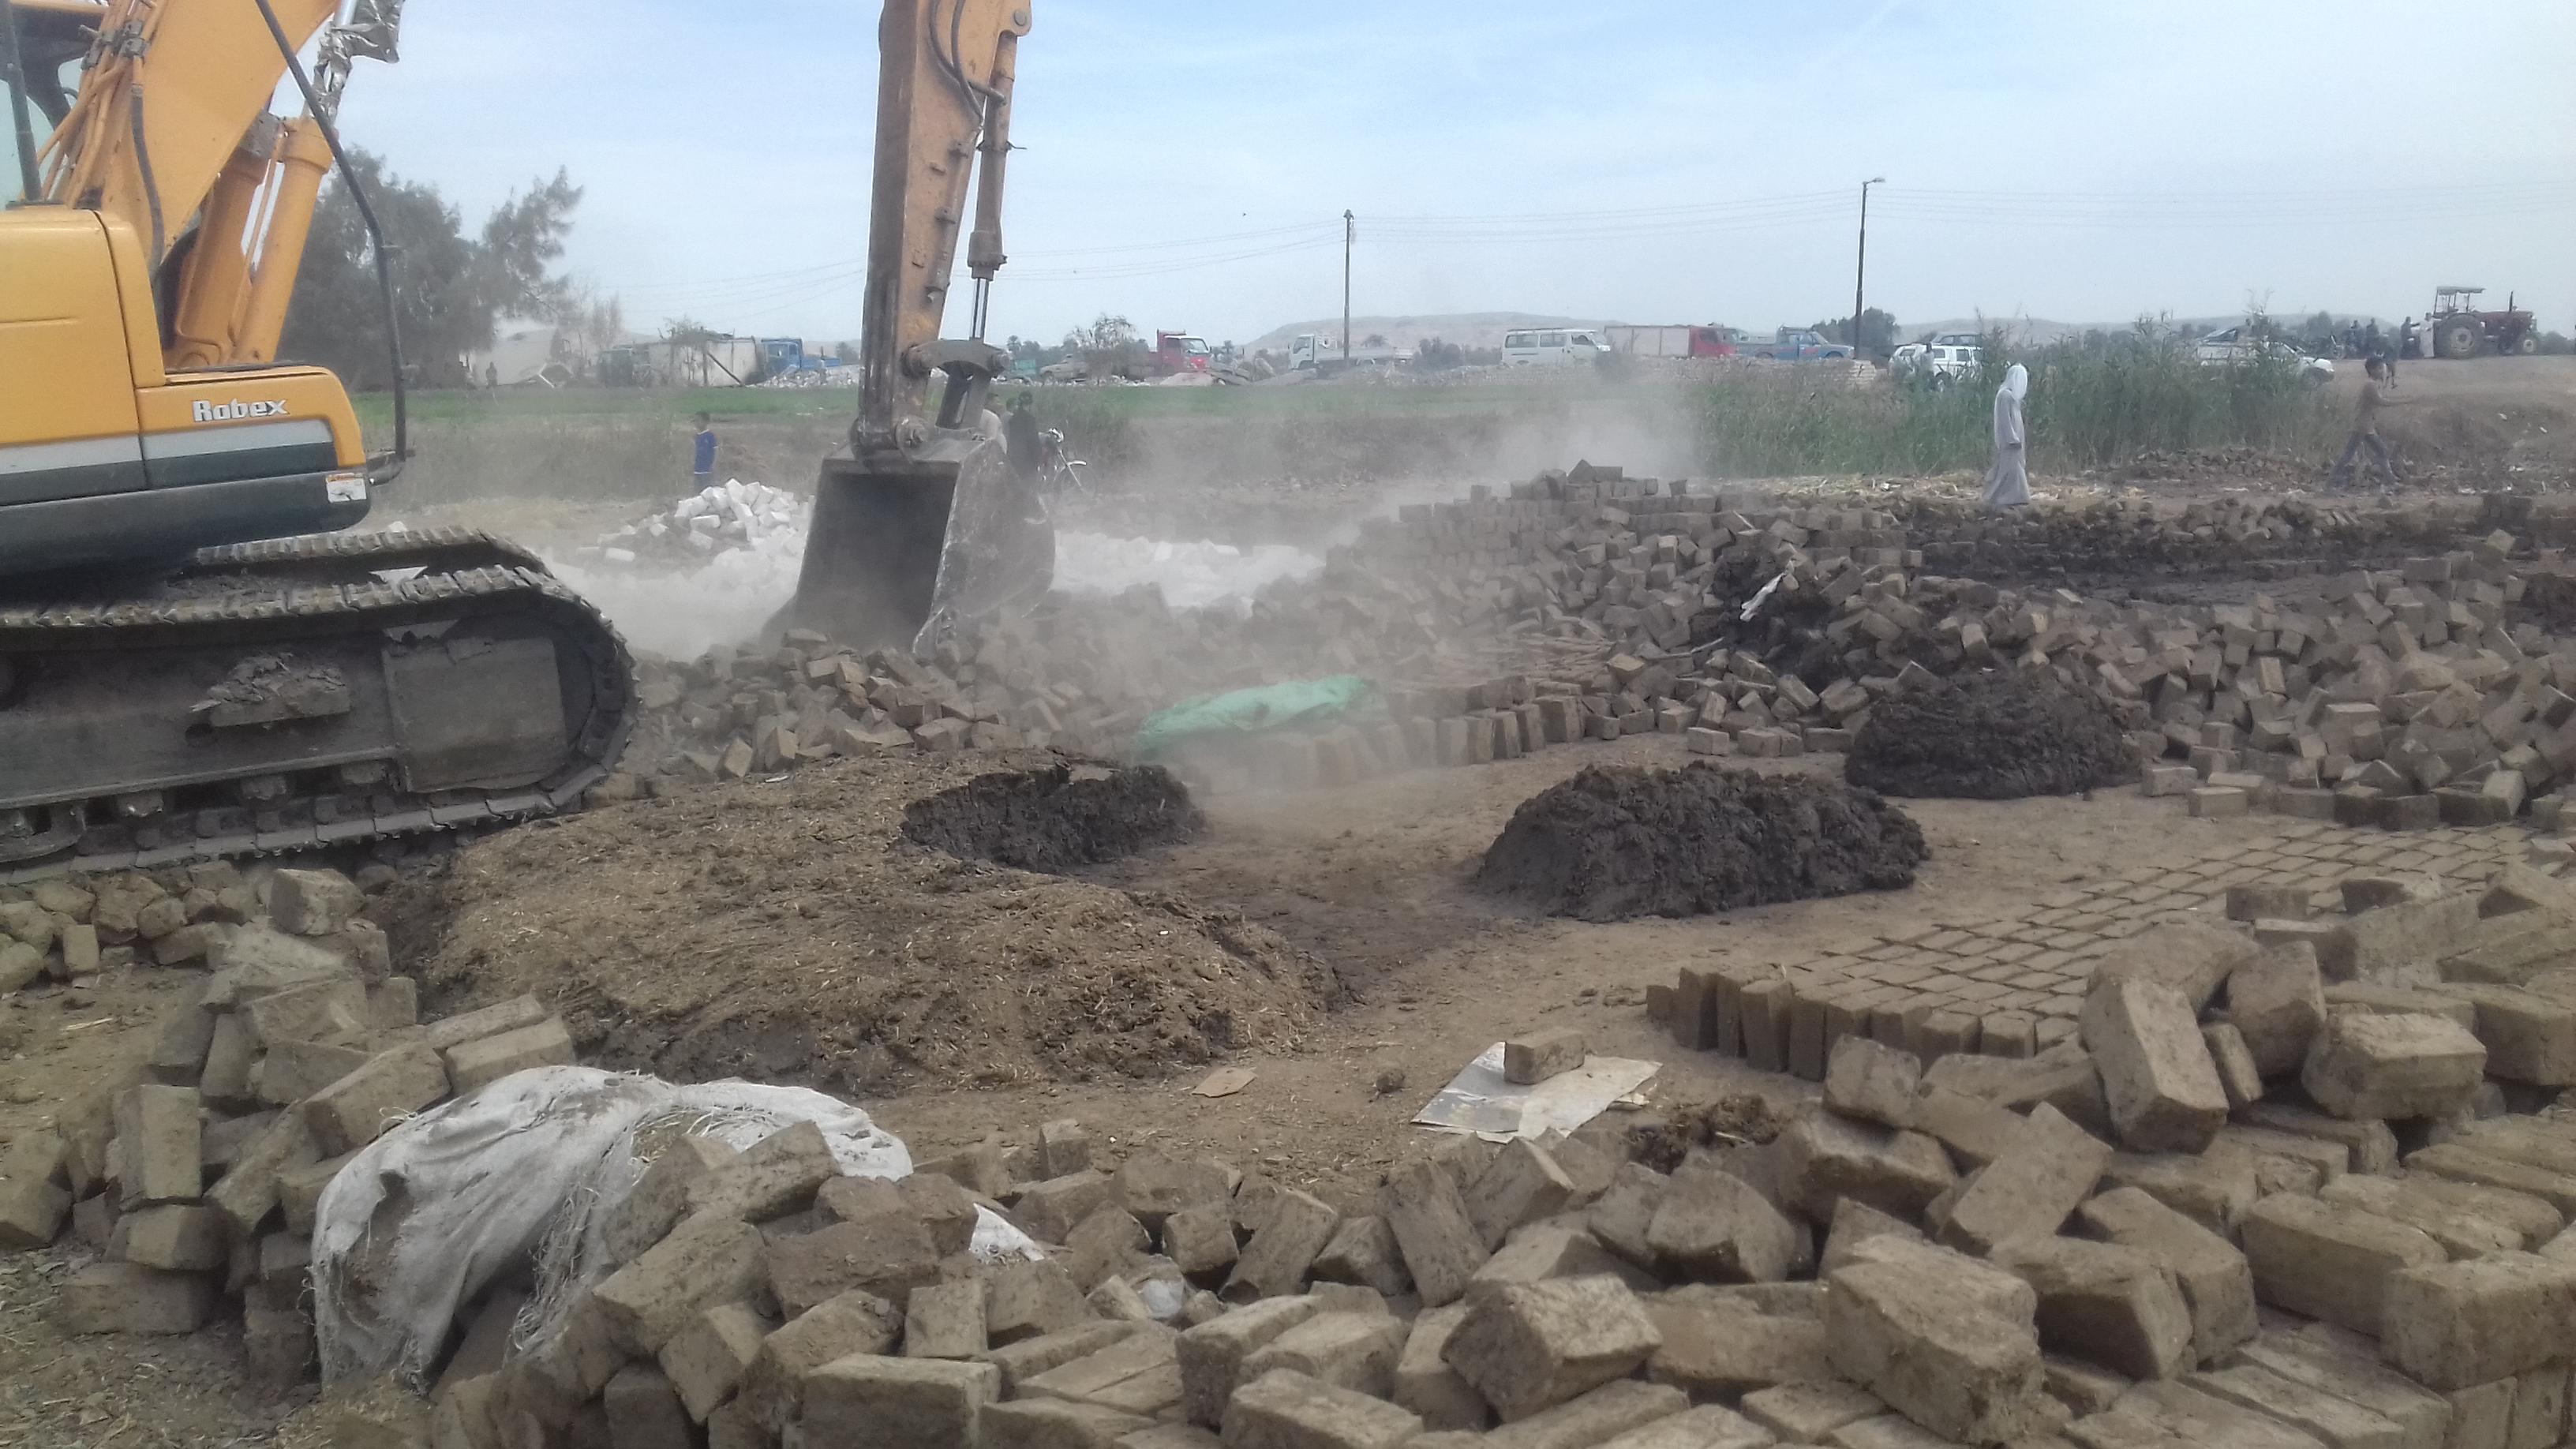 ازالة 27 حالة تعدى على مجرى نهر النيل بمركز بملوي بالمنيا  (4)